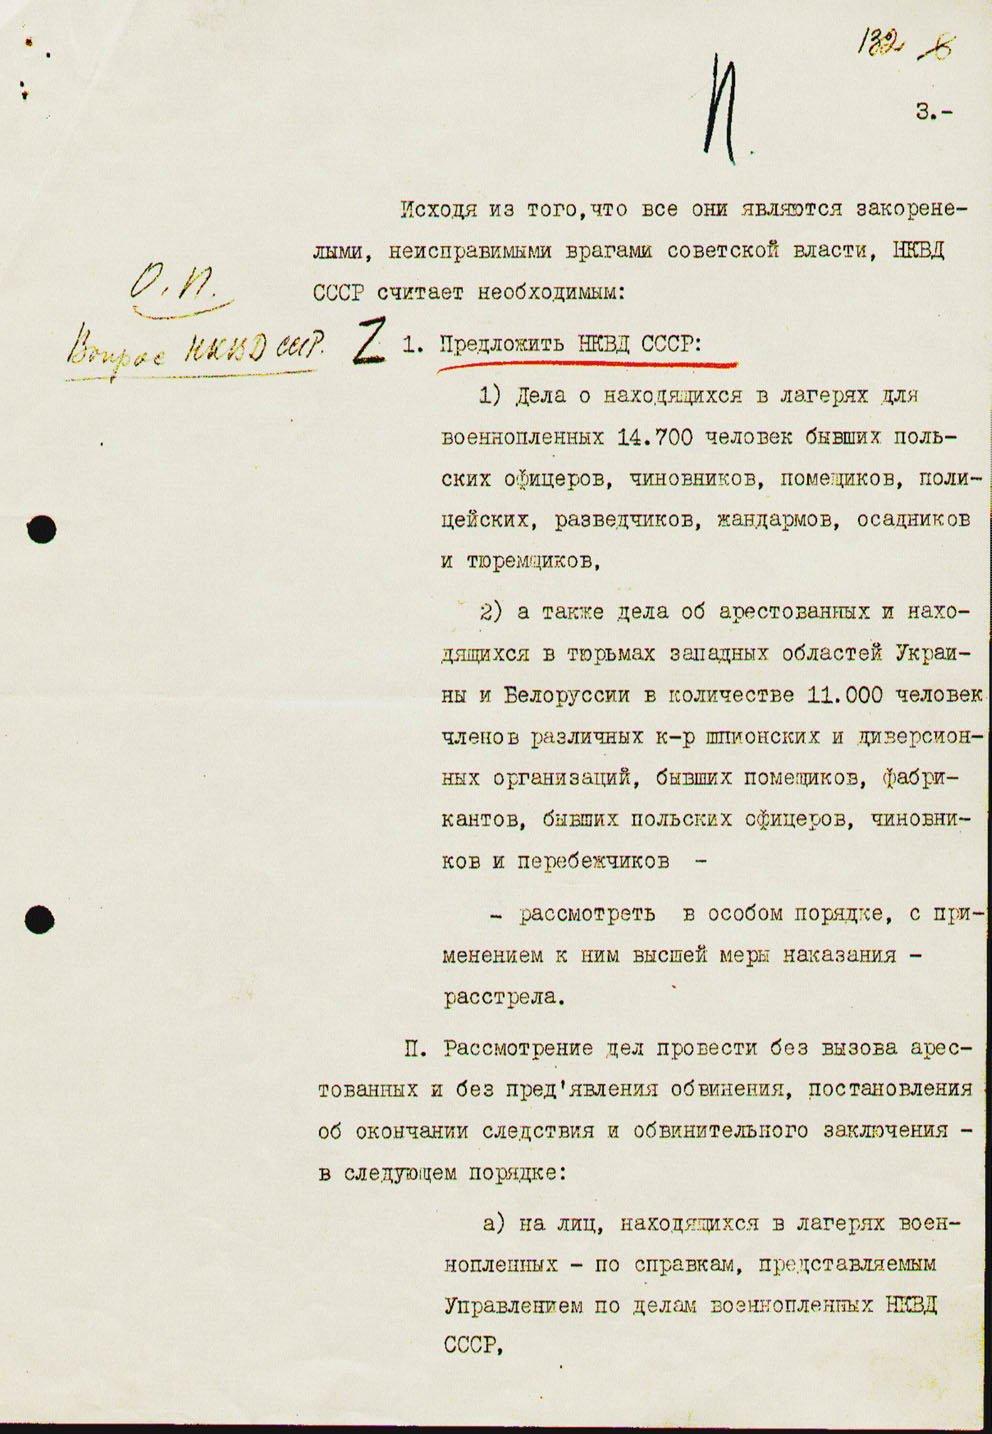 Записка Берии от 5 (?) марта 1940 F17op166d621l132